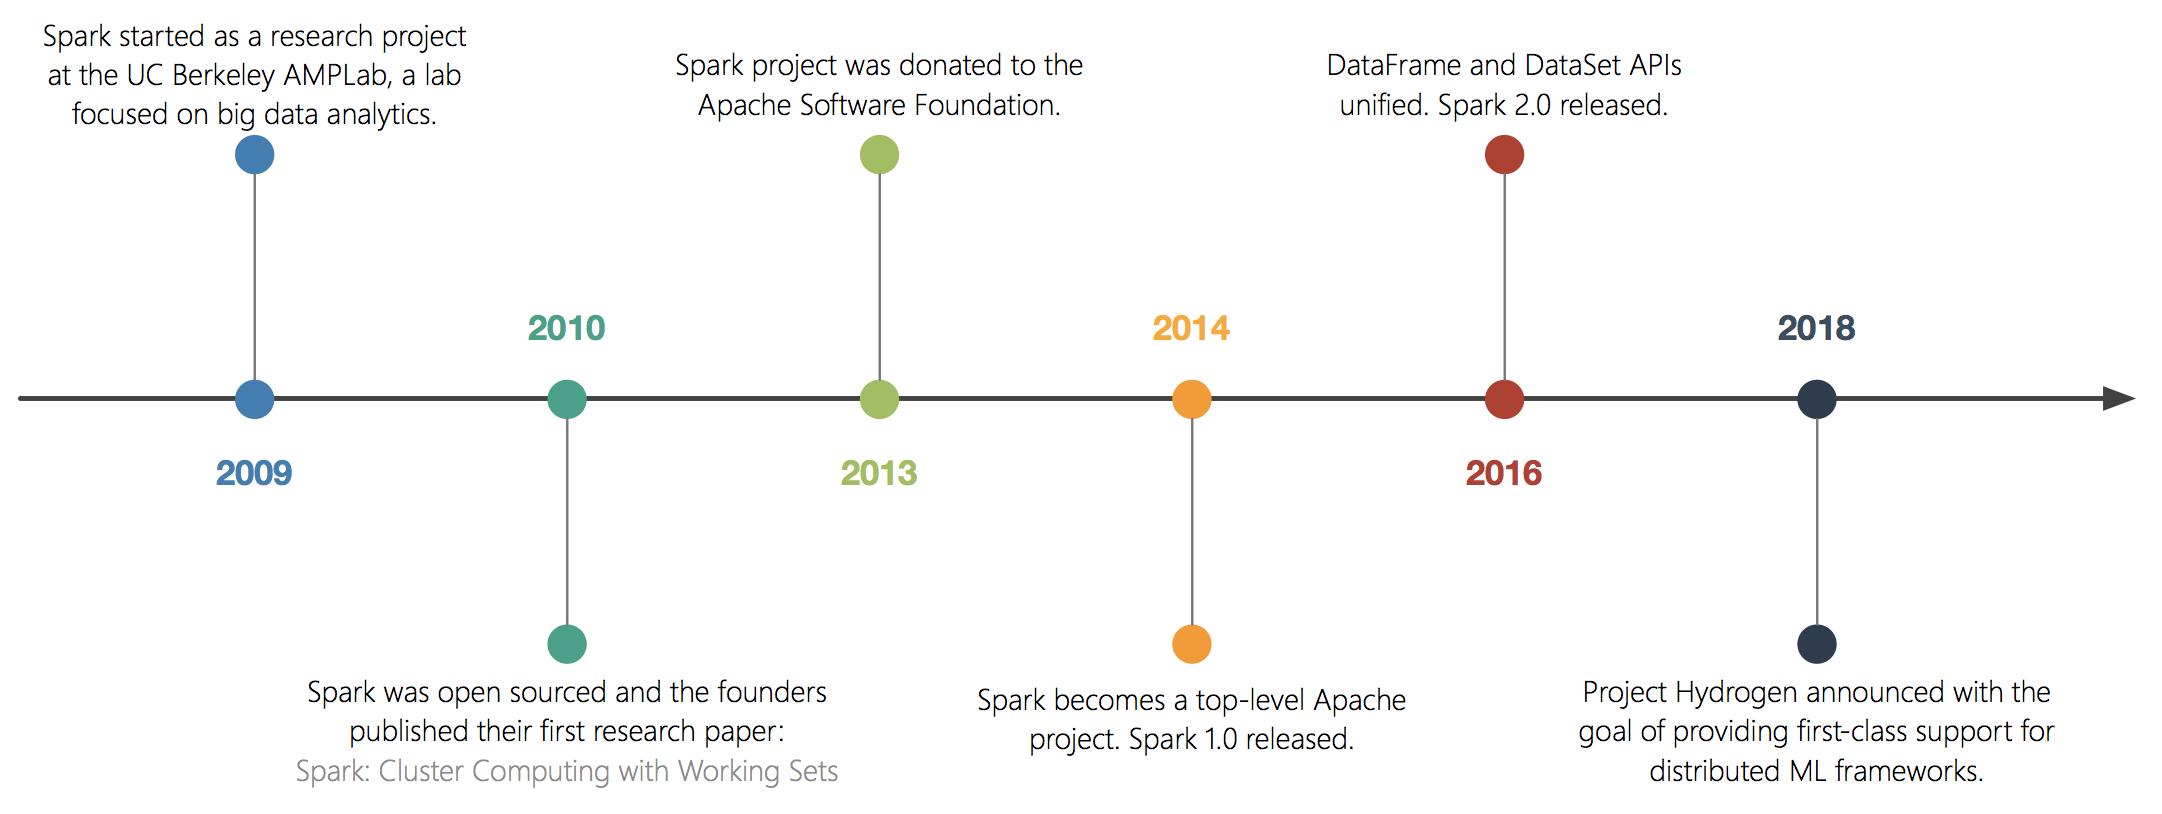 spark_history_timeline.png